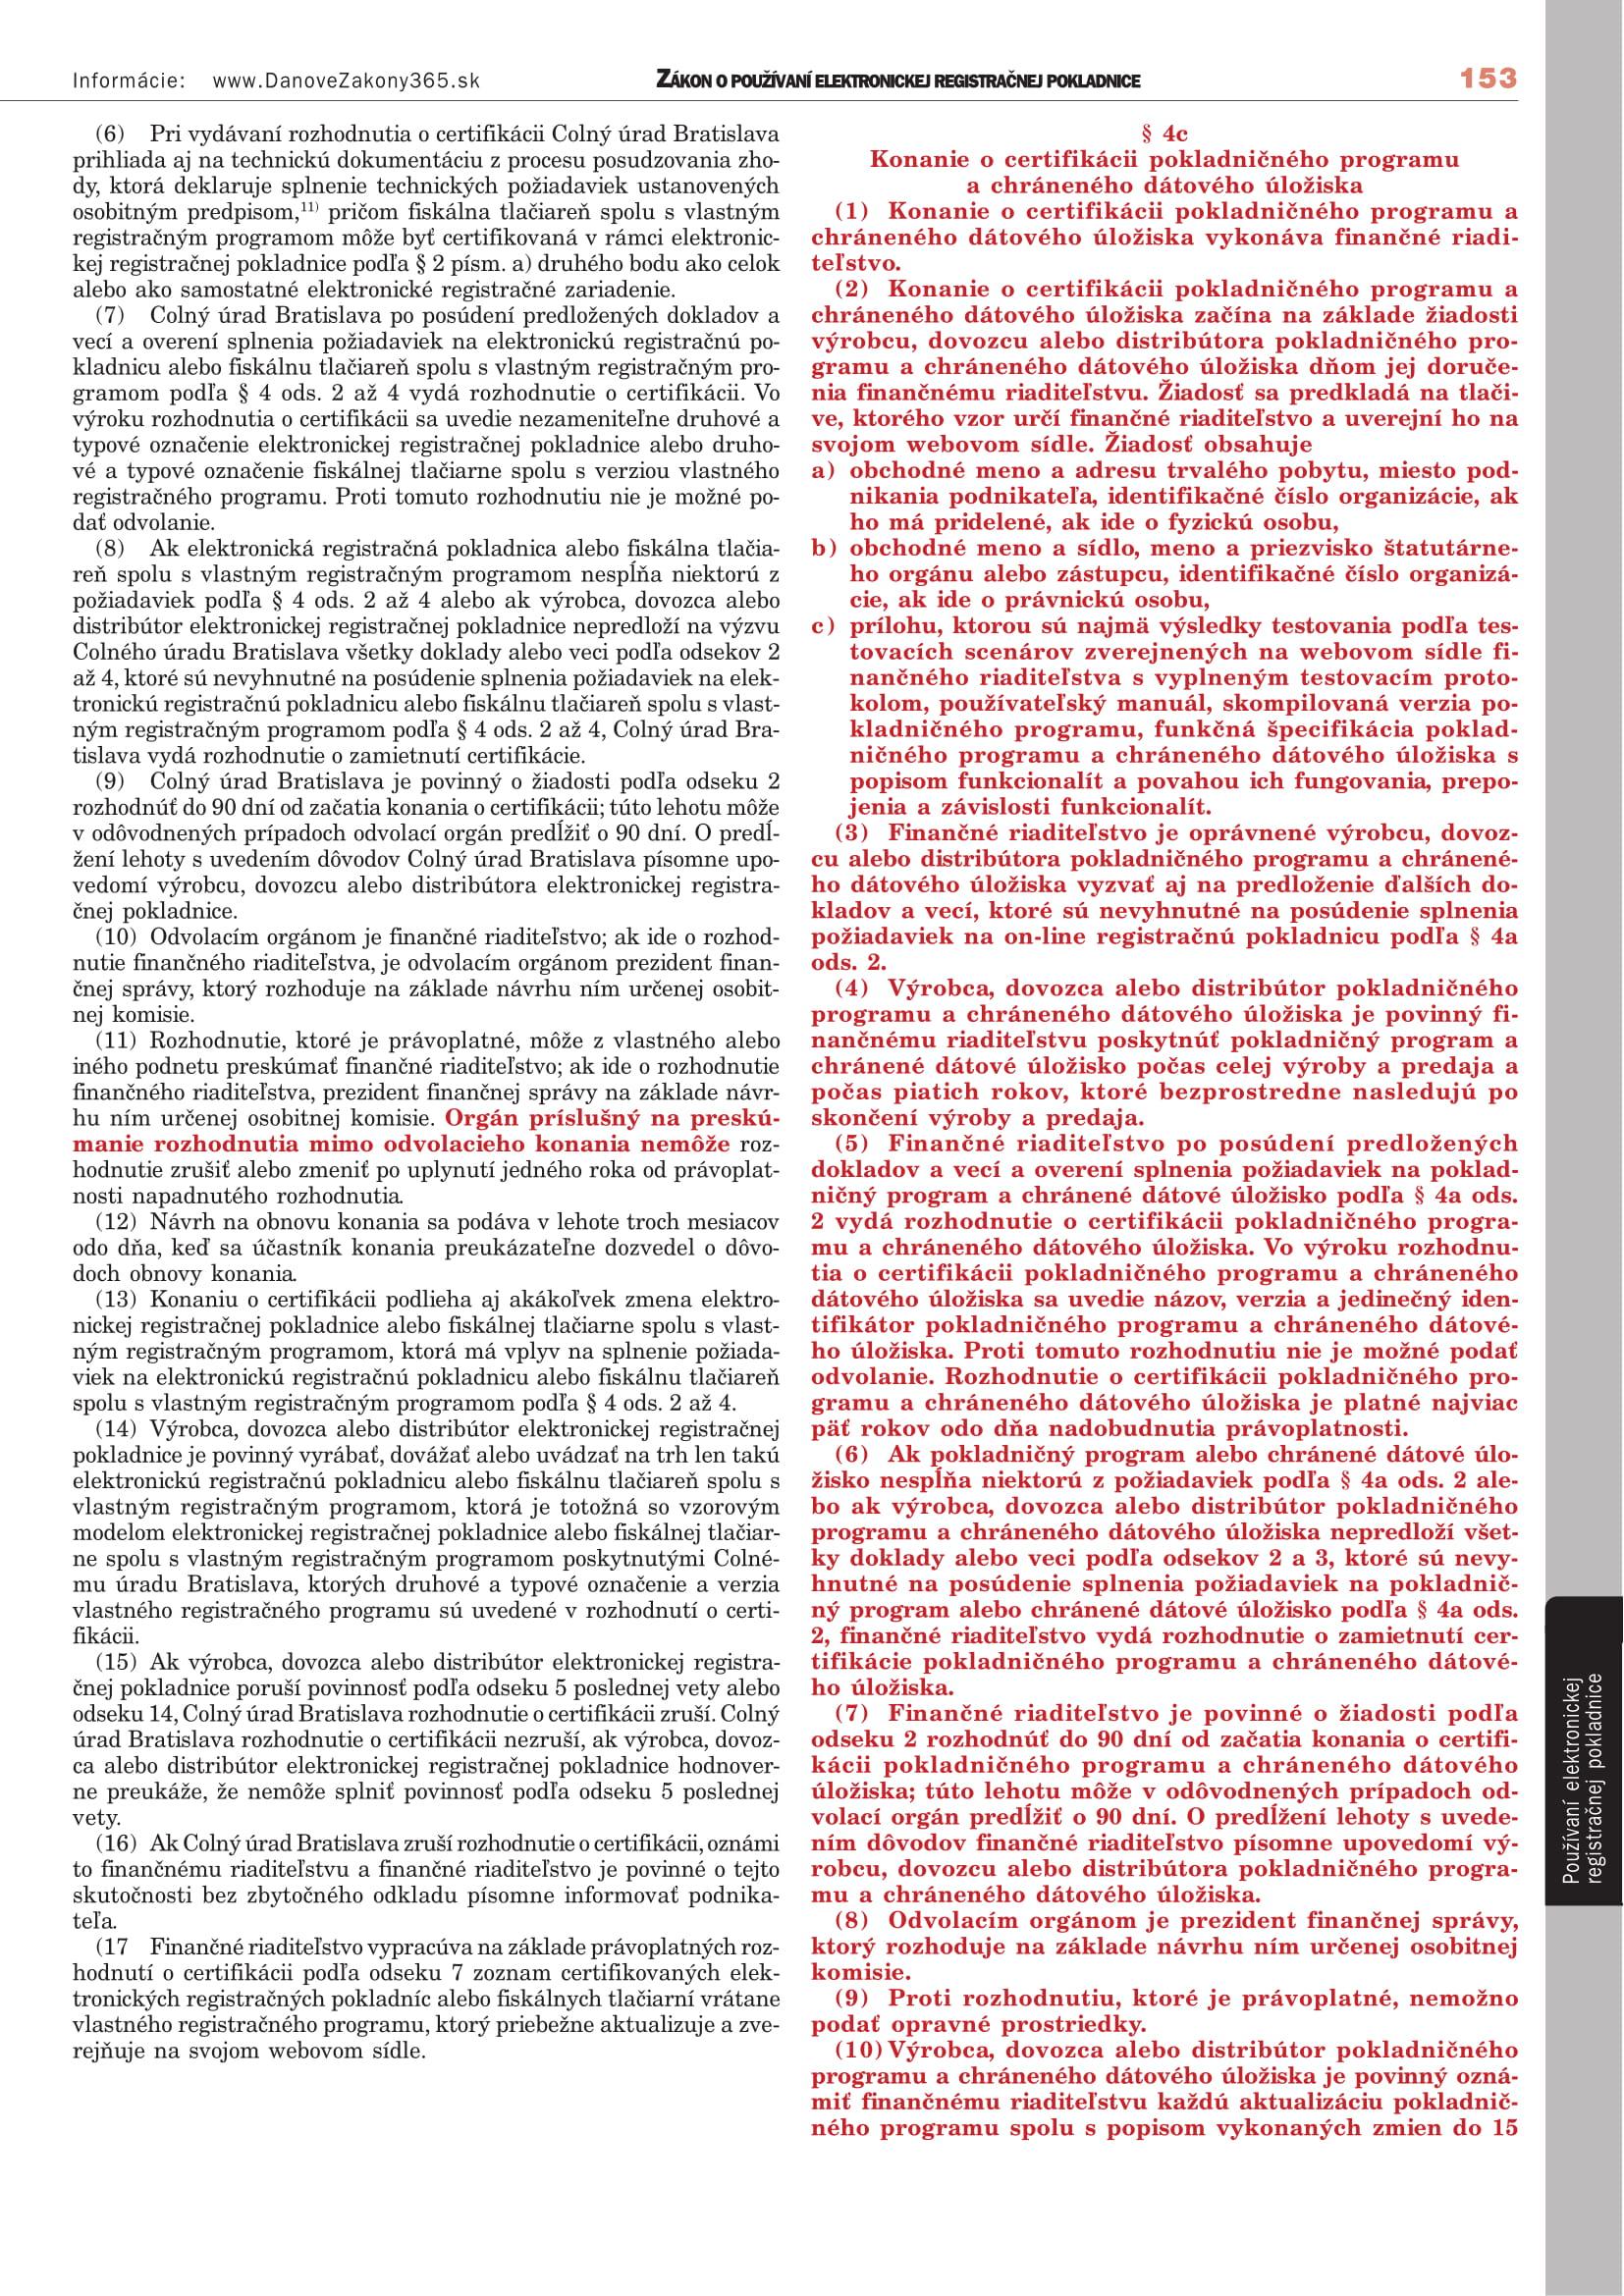 alto_zakon_o_registracnych_pokladniach_2019_po_jednej_stranane-08